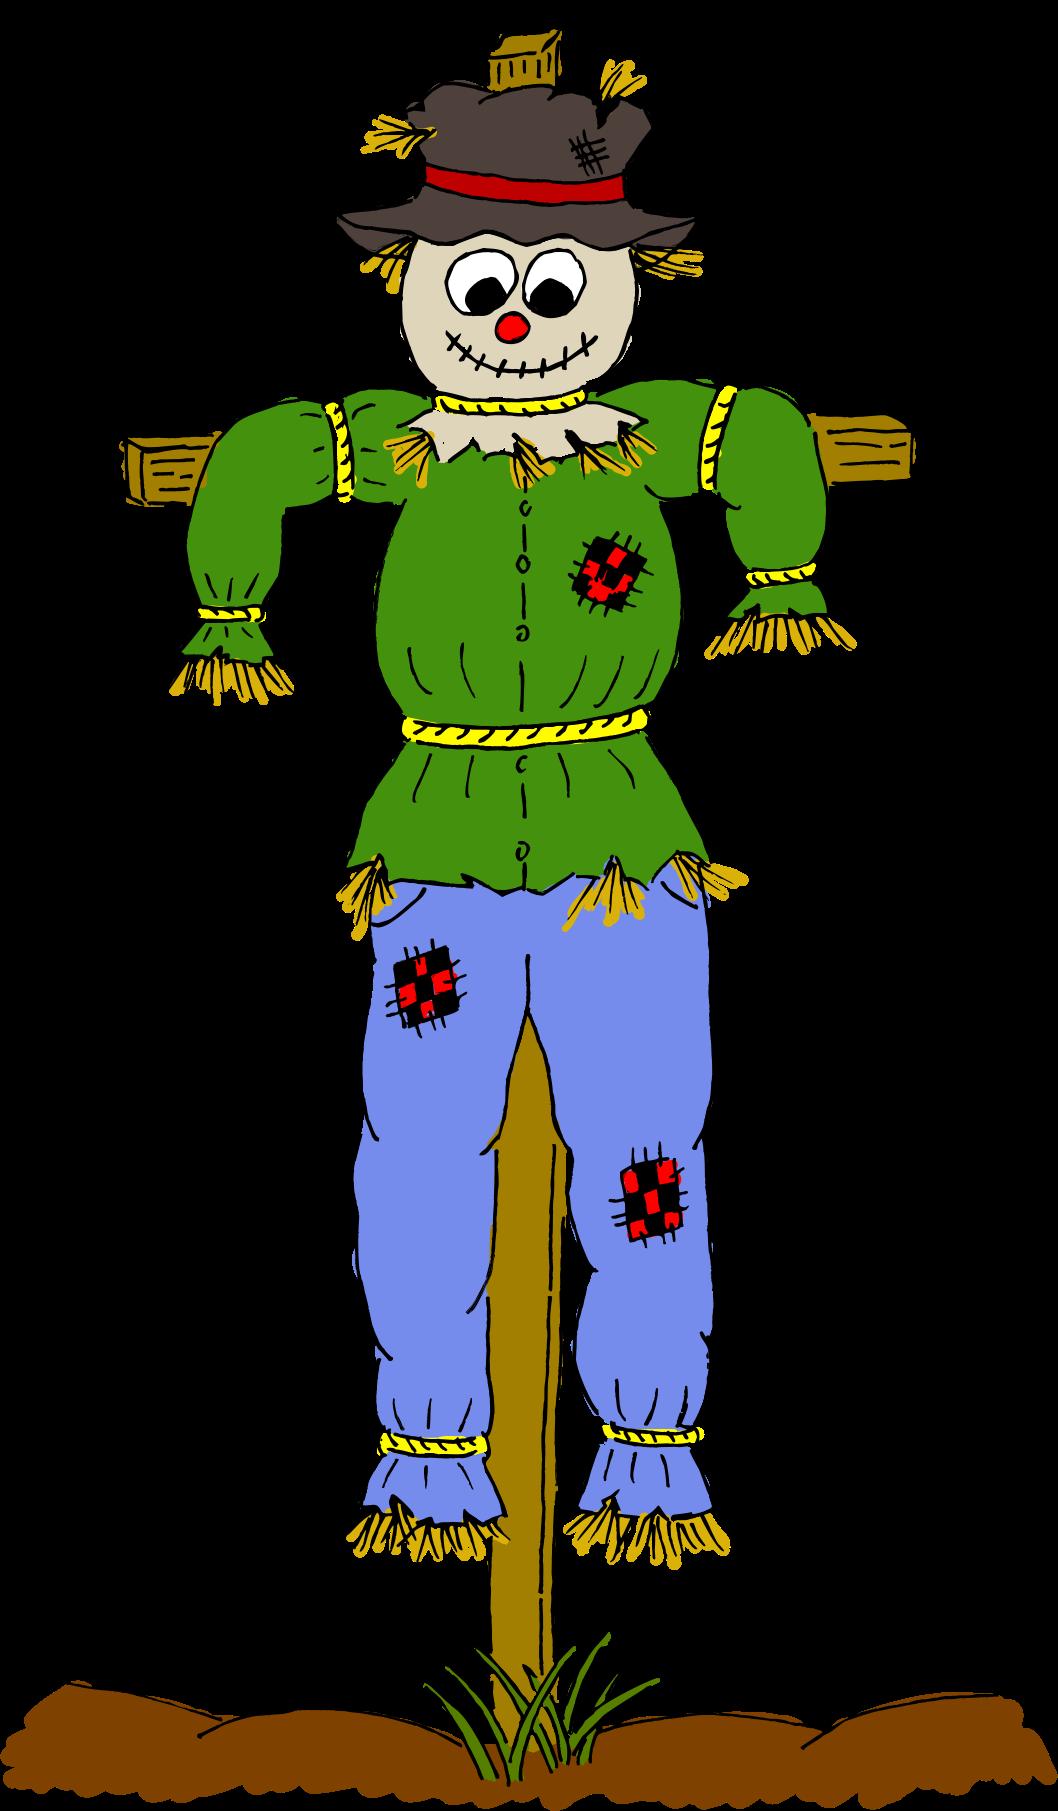 Scarecrow by GDJ